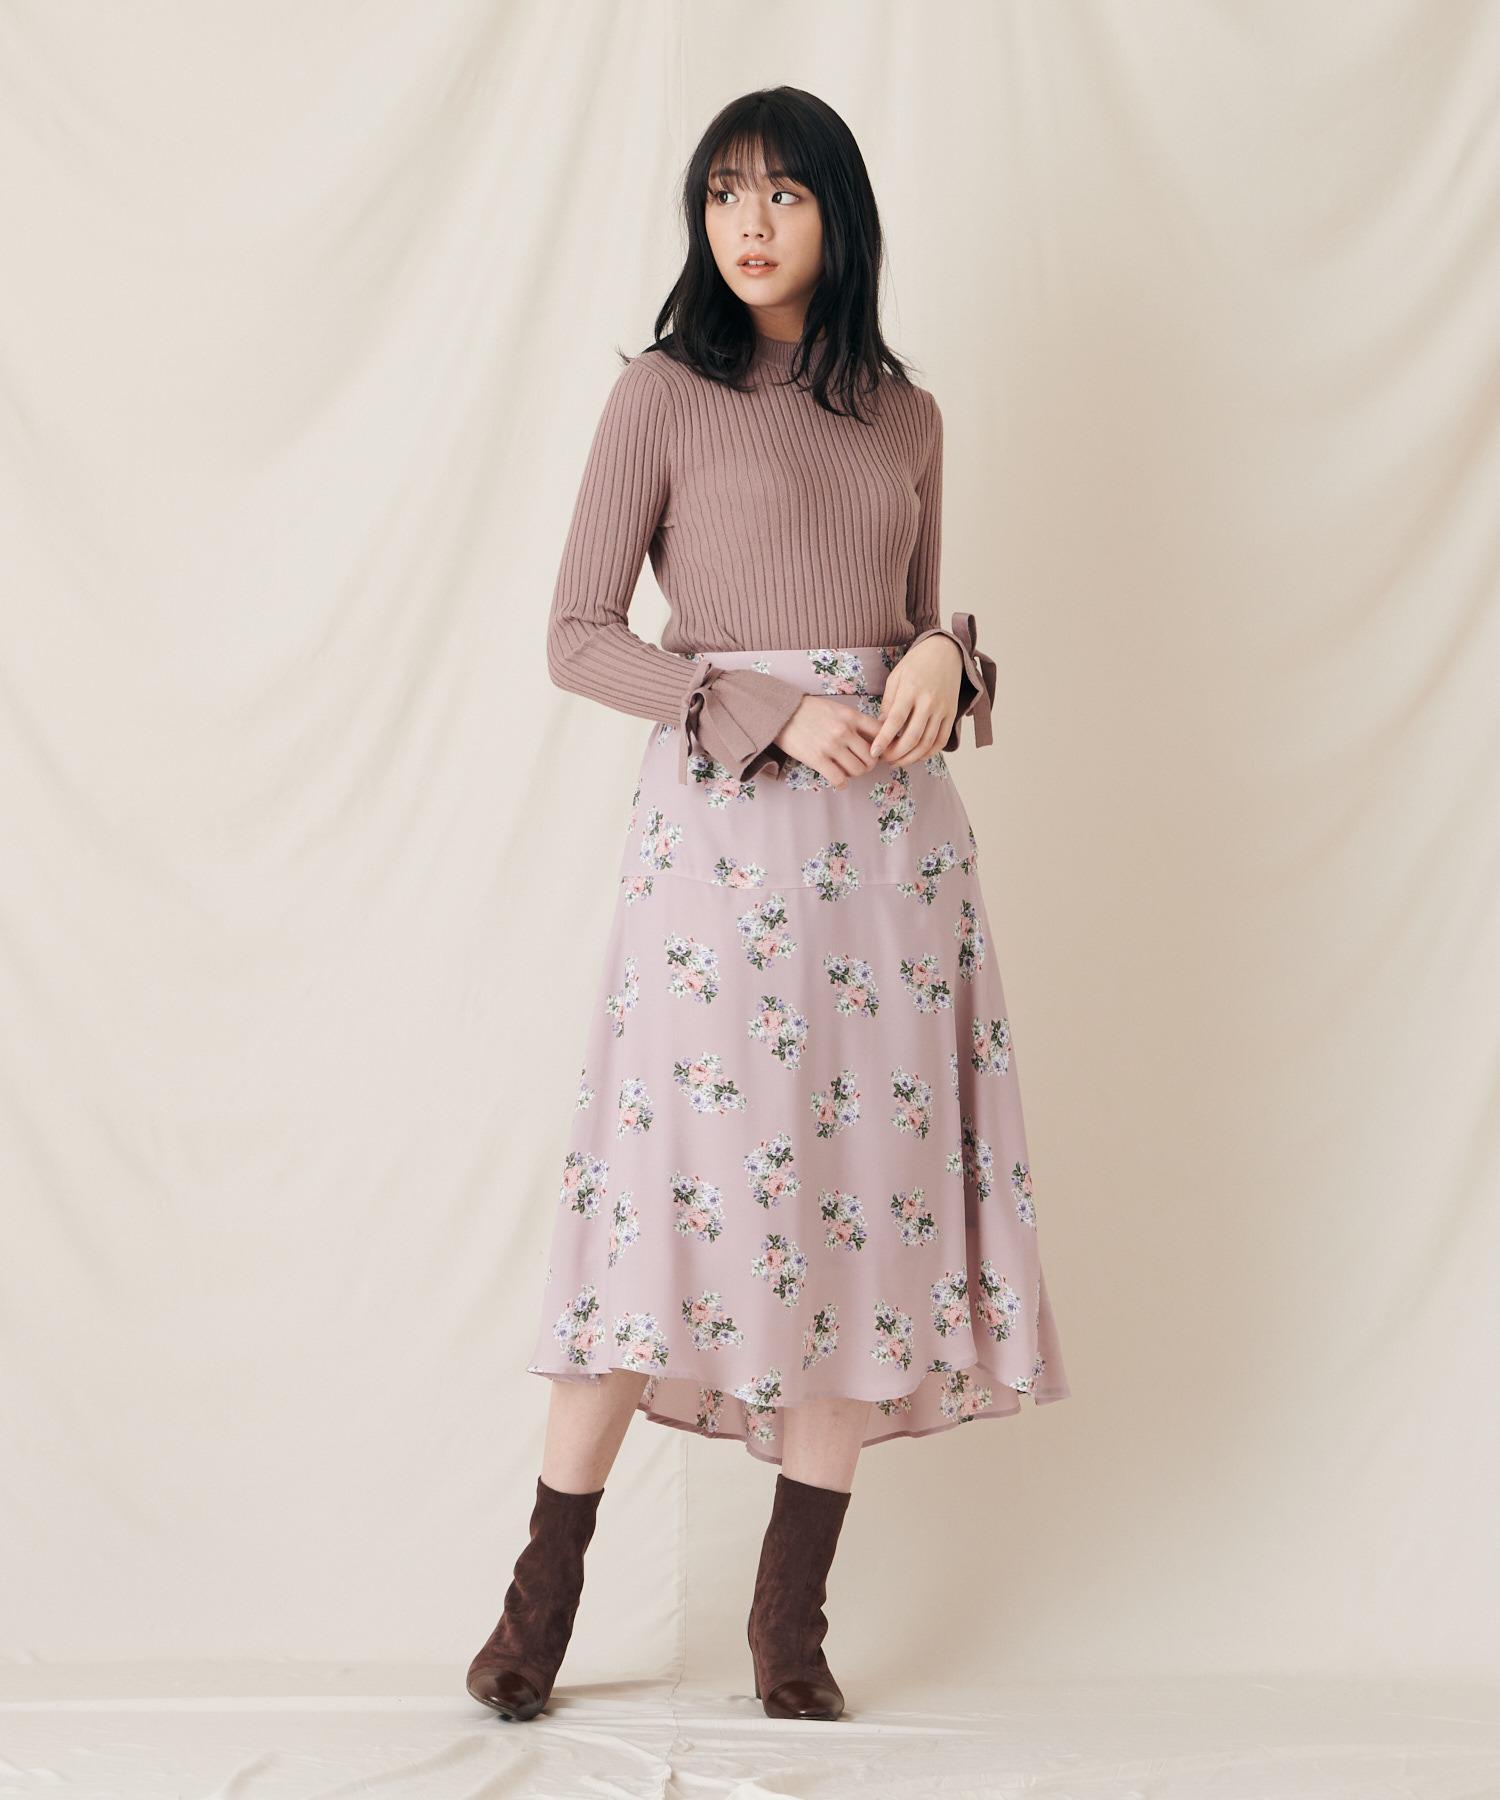 【貴島明日香さんコラボアイテム】ローズブーケスカート